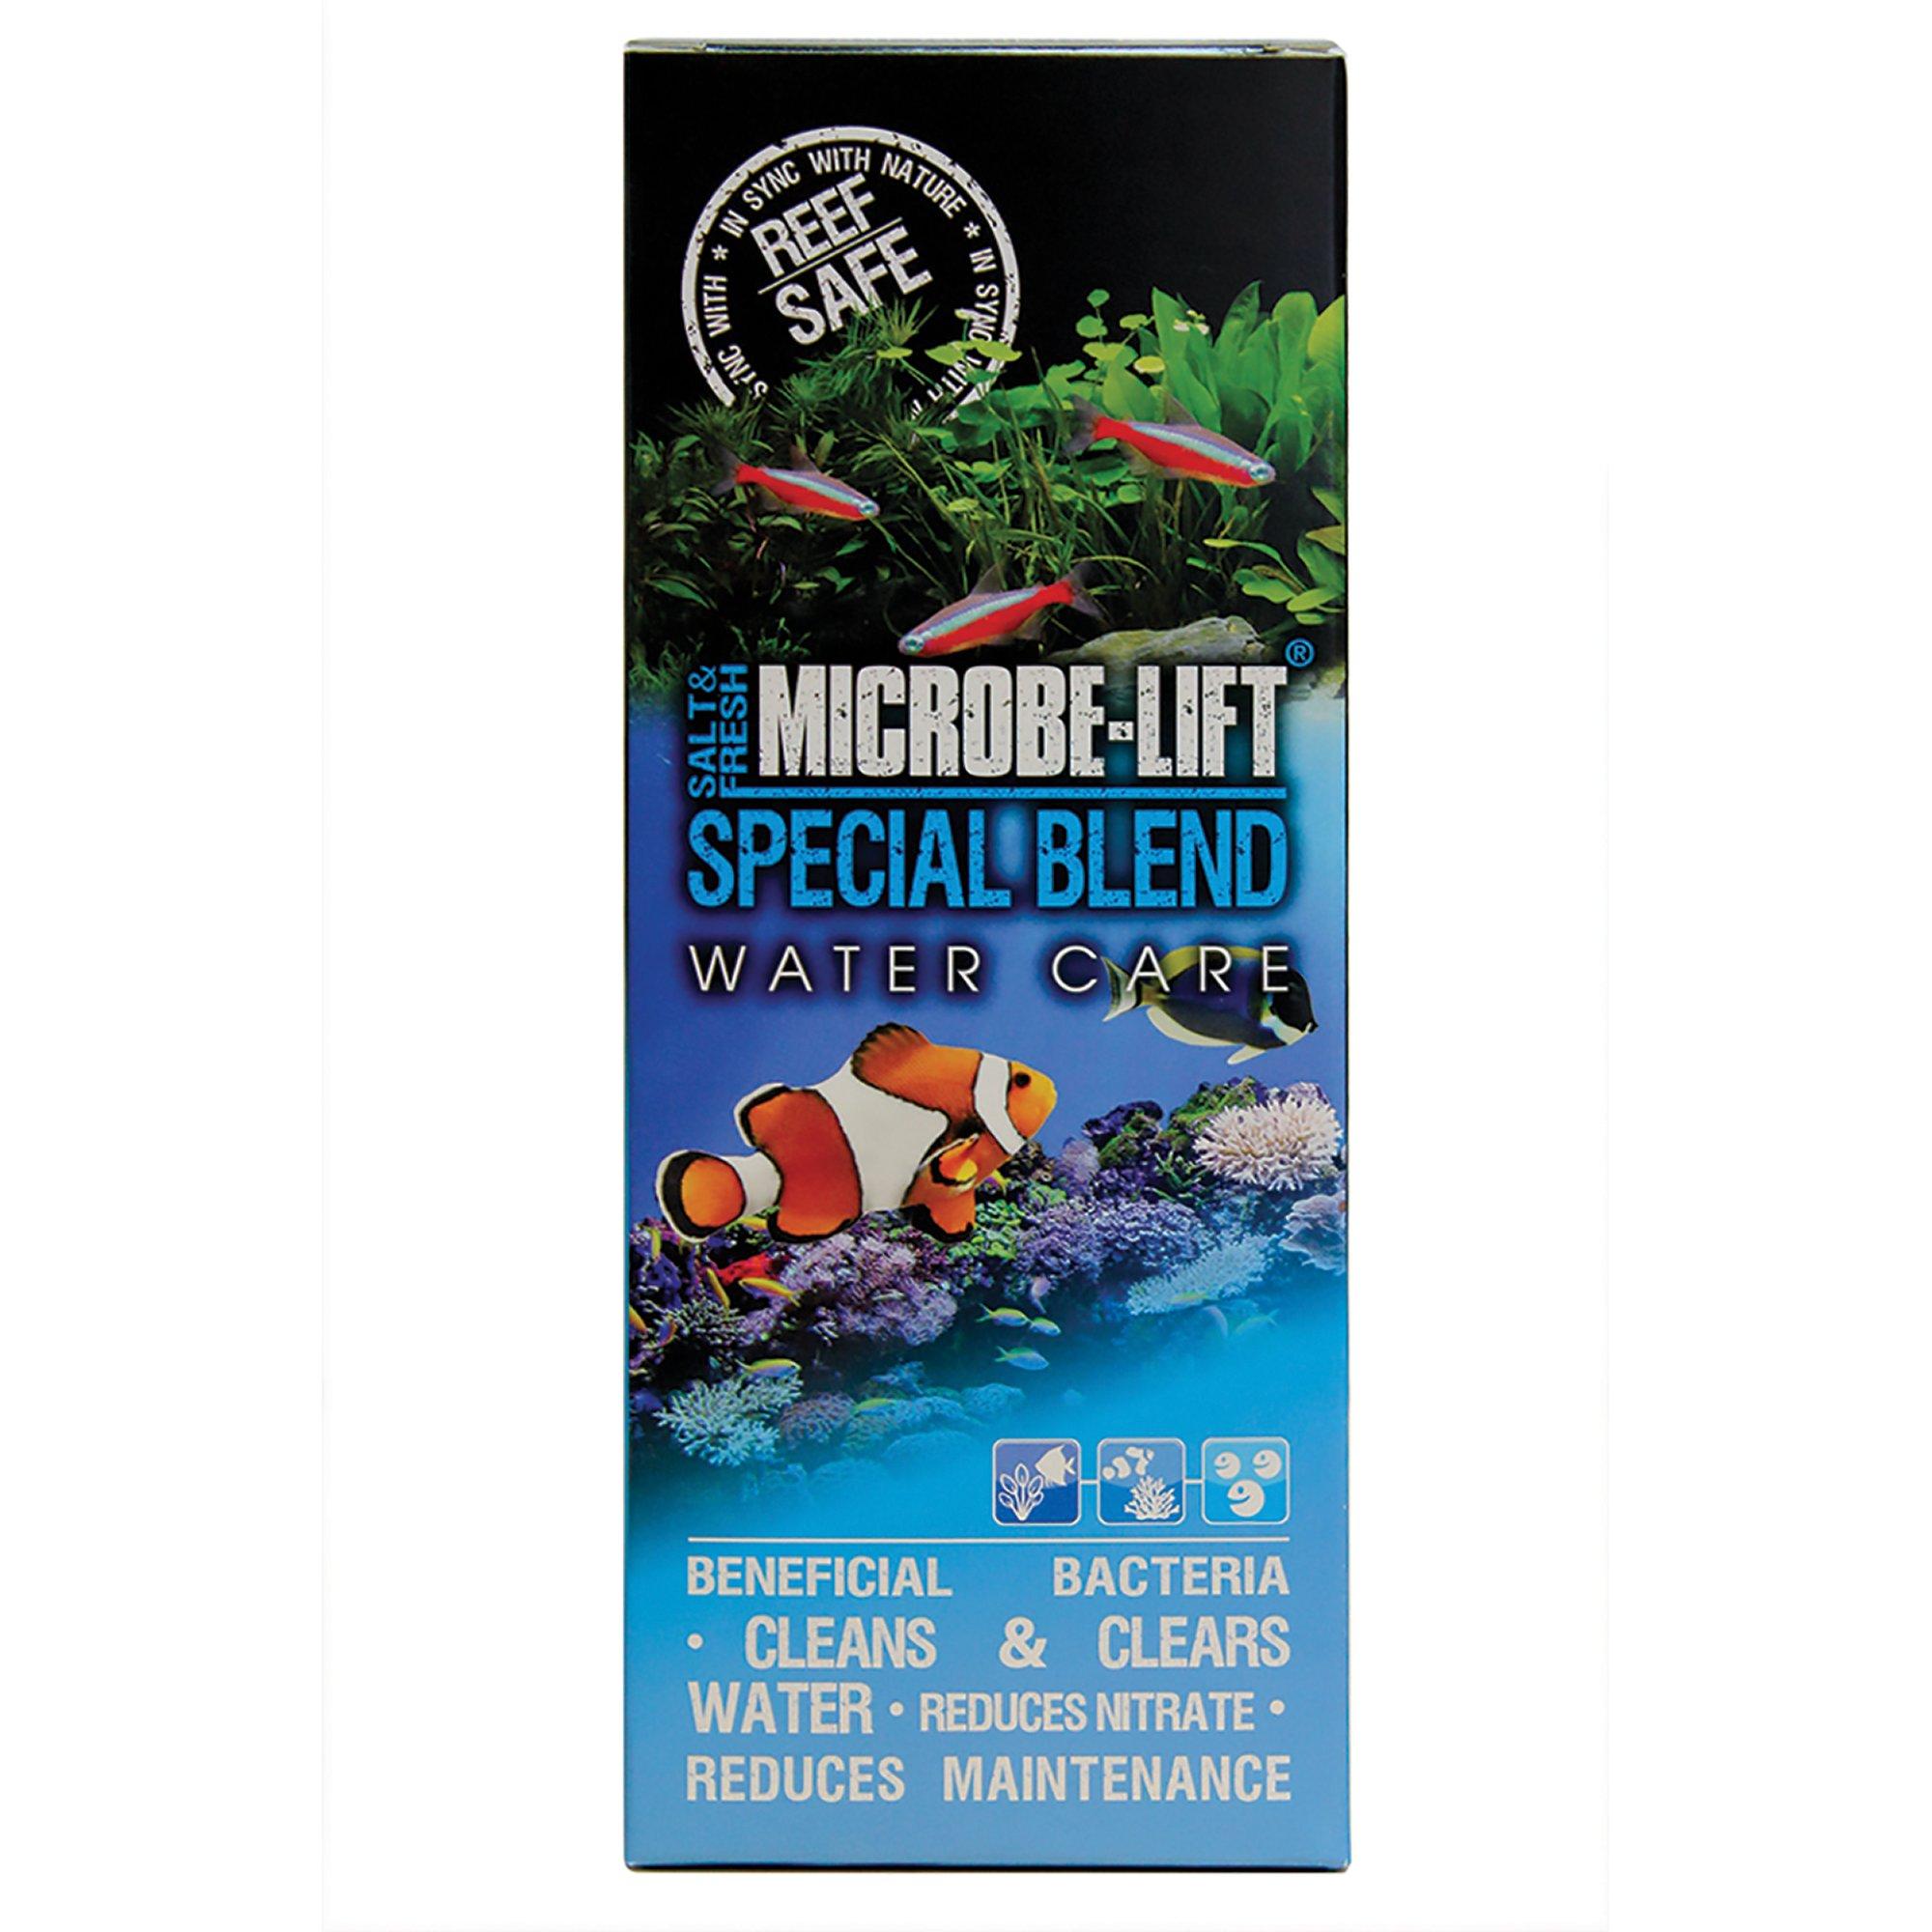 Microbe-Lift Special Blend Aquarium Bacteria